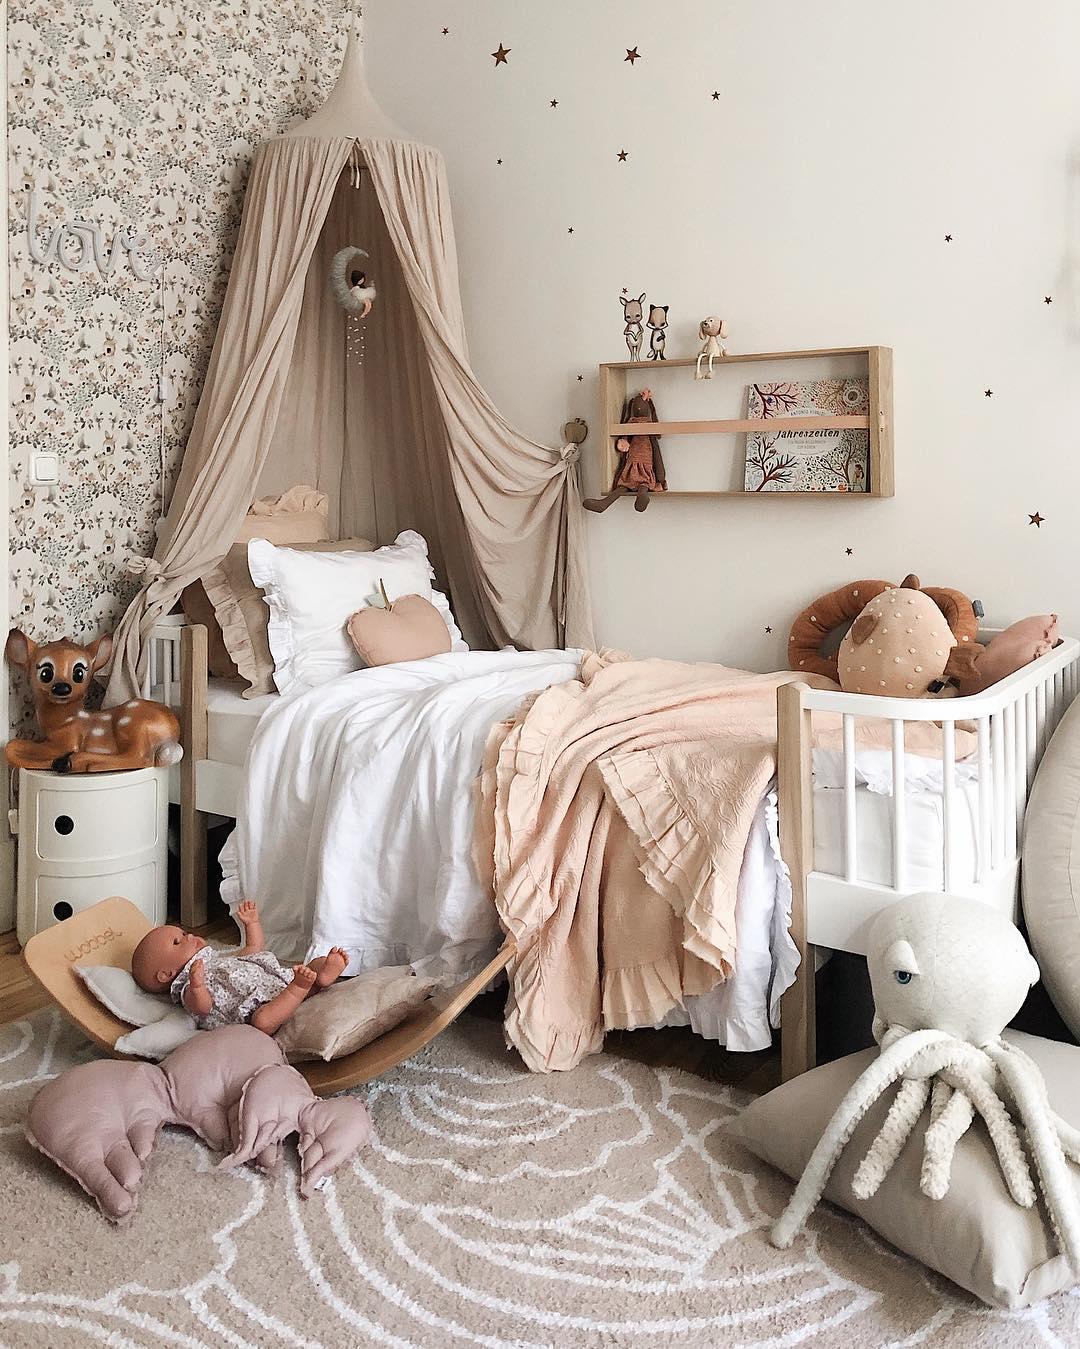 couleur pastel chambre rose saumon blanc papier peint peluche jouet lit - blog déco - clem around the corner